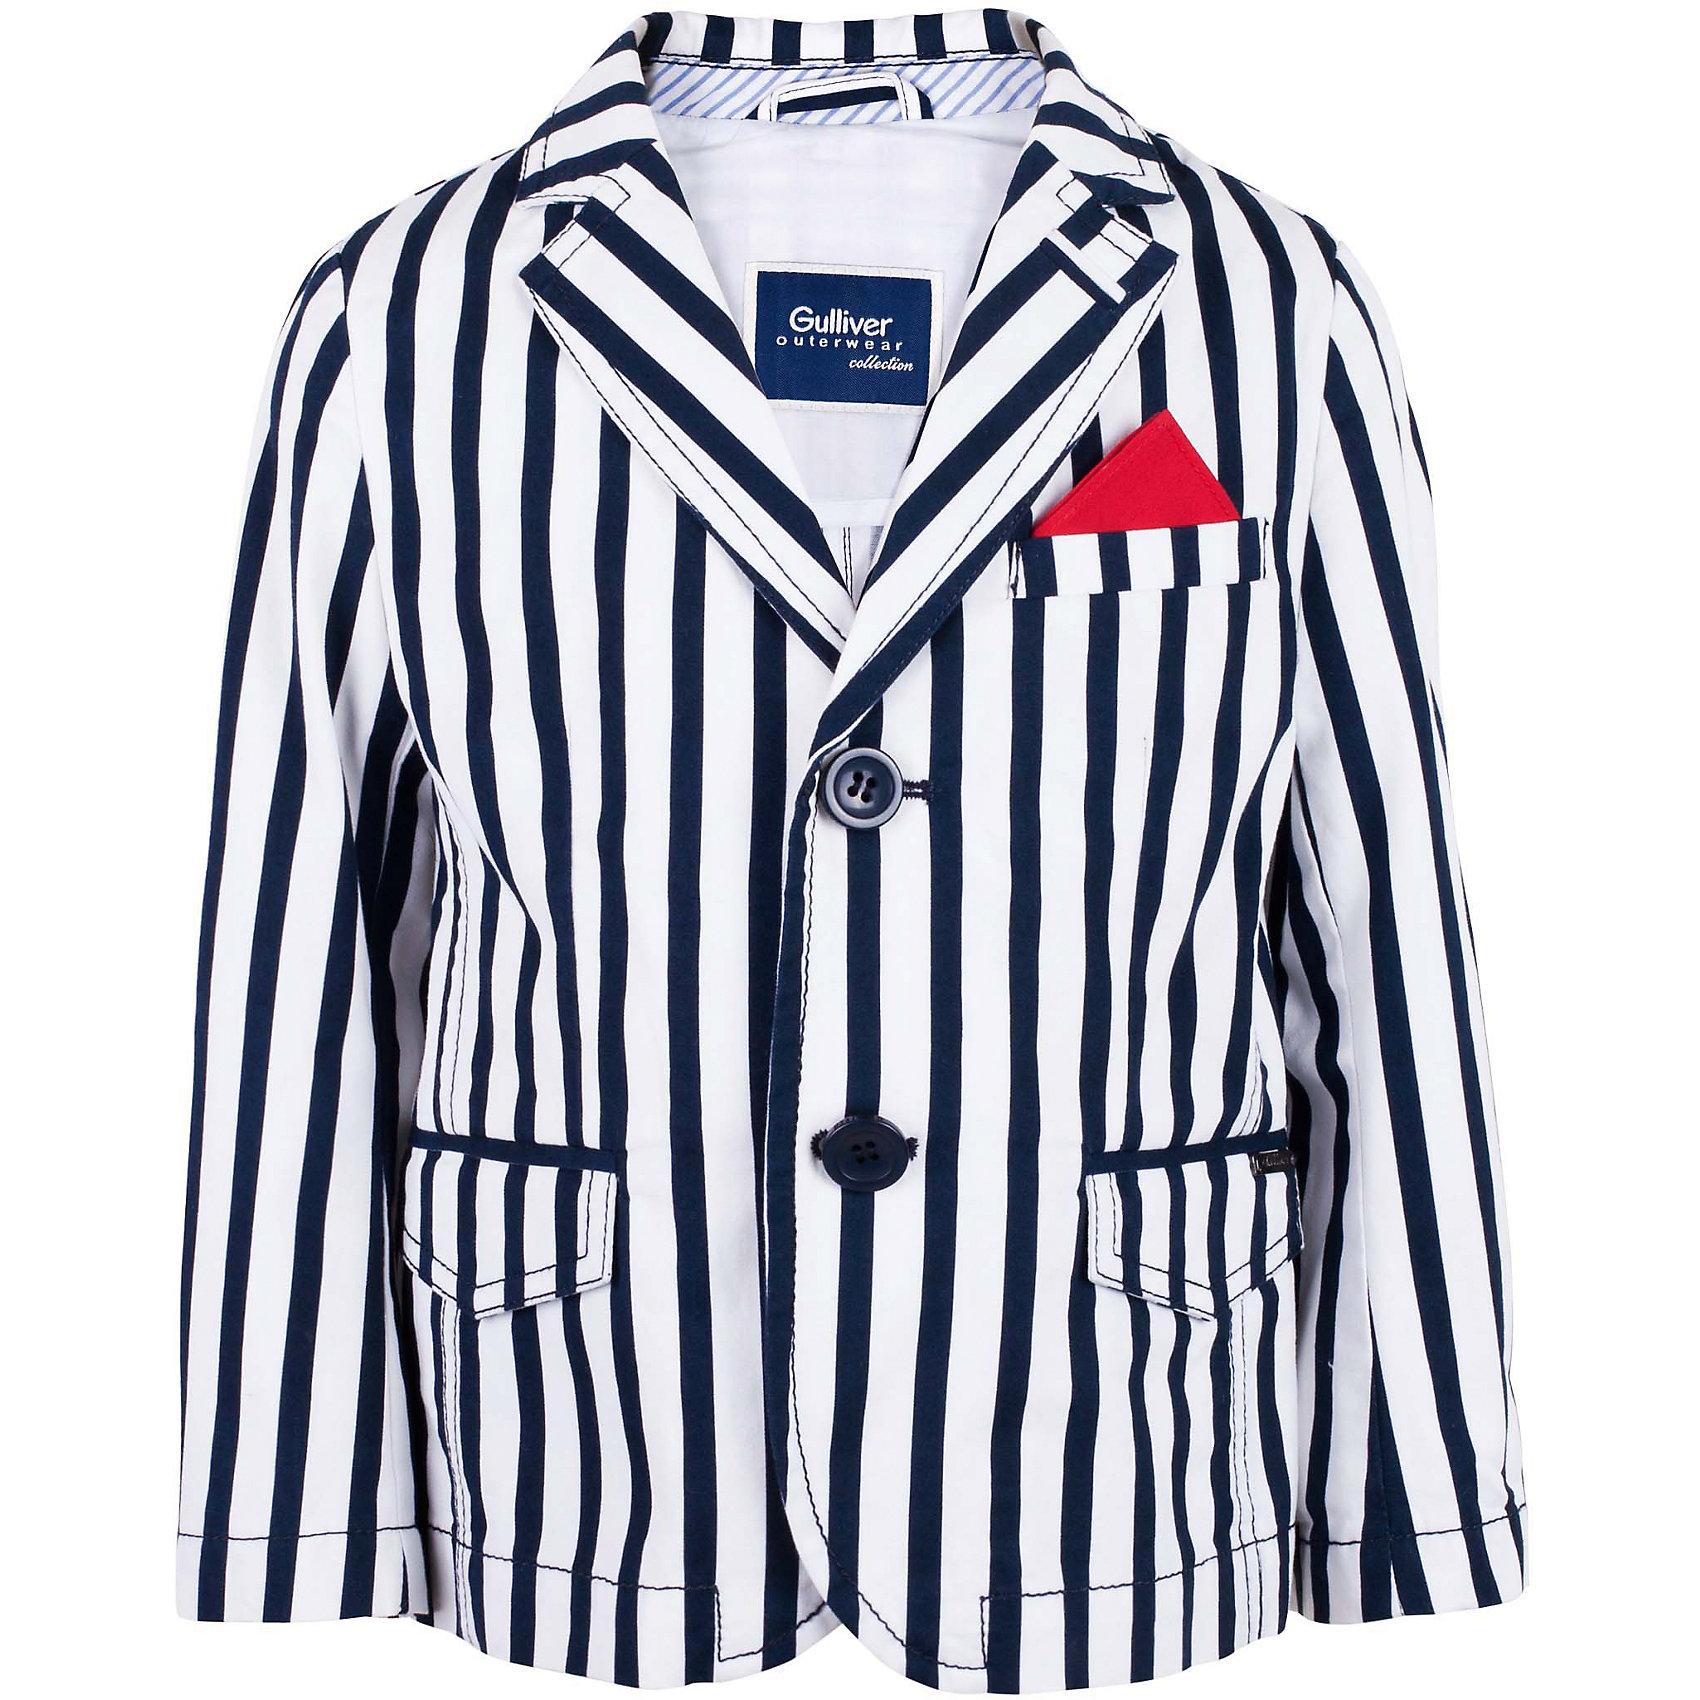 Пиджак для мальчика GulliverОдежда<br>Этот пиджак - настоящий шедевр! Яркий, стильный, необычный, полосатый детский пиджак - основной акцент летнего гардероба! Он идеально дополнит джинсы, шорты, брюки, придав образу особый шик и элегантность. Несмотря на очевидную экстравагантность, спектр использования этого пиджака весьма широк. И на светском мероприятии, и на городской прогулке к юному моднику будут прикованы восхищенные взгляды. Если вы решили обновить весенне-летний гардероб мальчика, сделав его модным, свежим, интересным, без классного пиджака вам не обойтись. Купить детский пиджак в полоску от Gulliver, значит, подарить ребенку особый стиль, новизну образа, индивидуальность!<br>Состав:<br>100% хлопок<br><br>Ширина мм: 247<br>Глубина мм: 16<br>Высота мм: 140<br>Вес г: 225<br>Цвет: синий<br>Возраст от месяцев: 60<br>Возраст до месяцев: 72<br>Пол: Мужской<br>Возраст: Детский<br>Размер: 116,98,104,110<br>SKU: 5483922